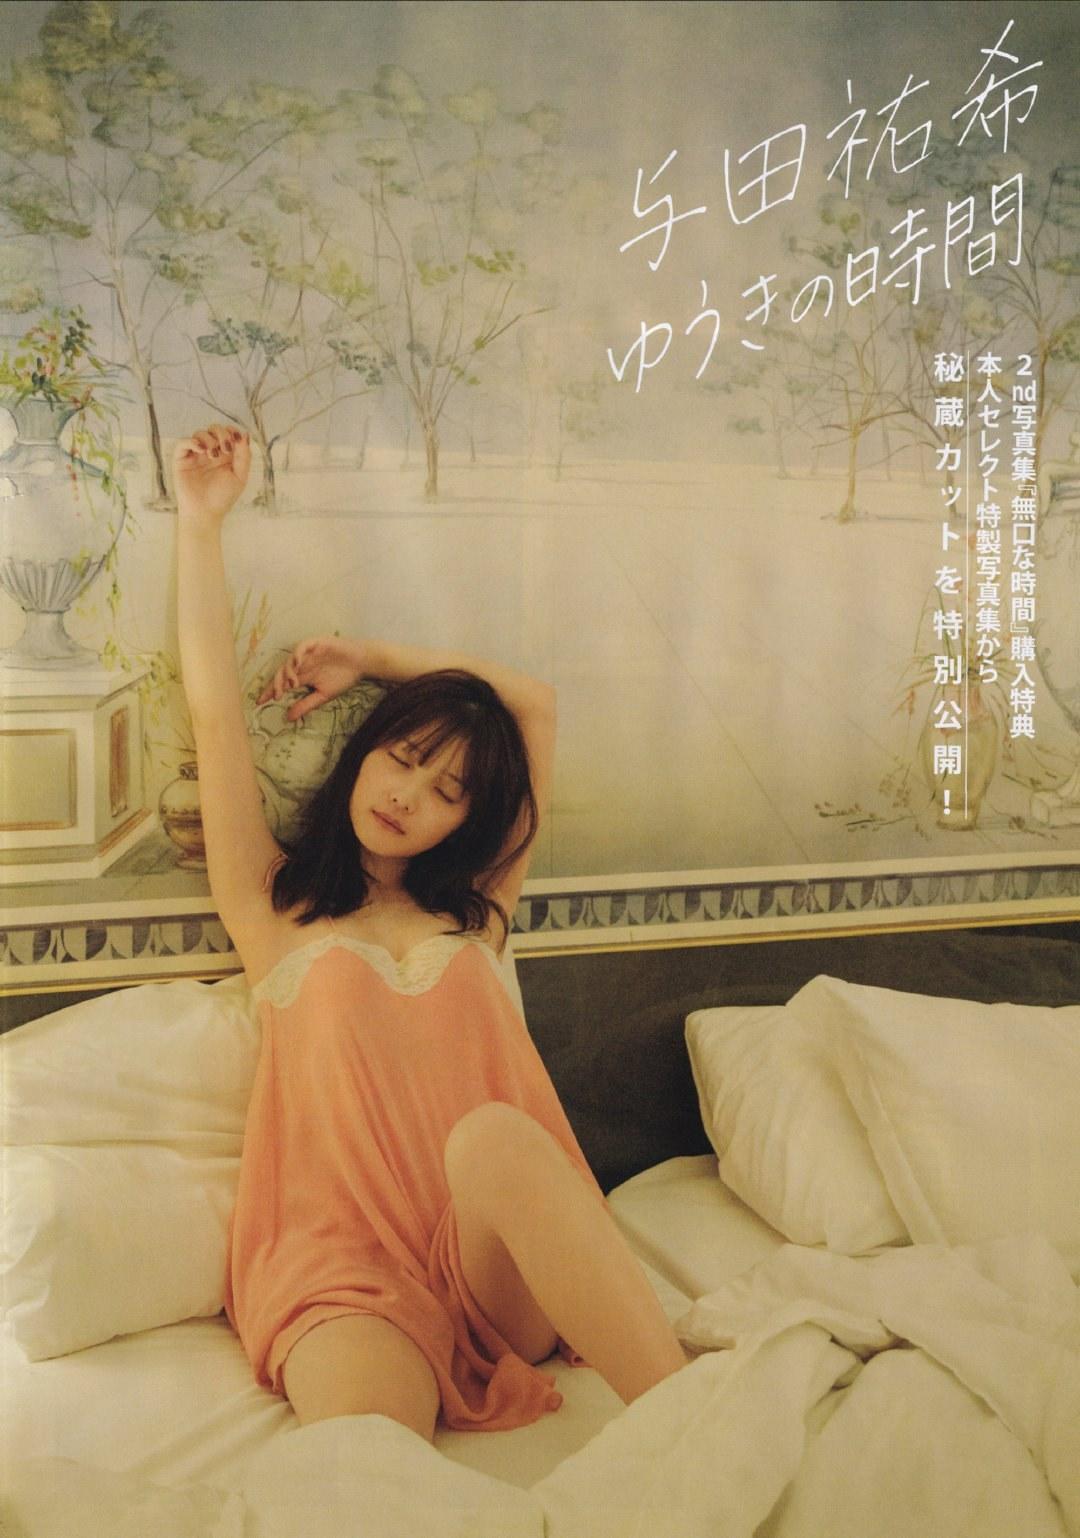 与田佑希清新脱俗美到让人深陷恋爱 养眼图片 第5张